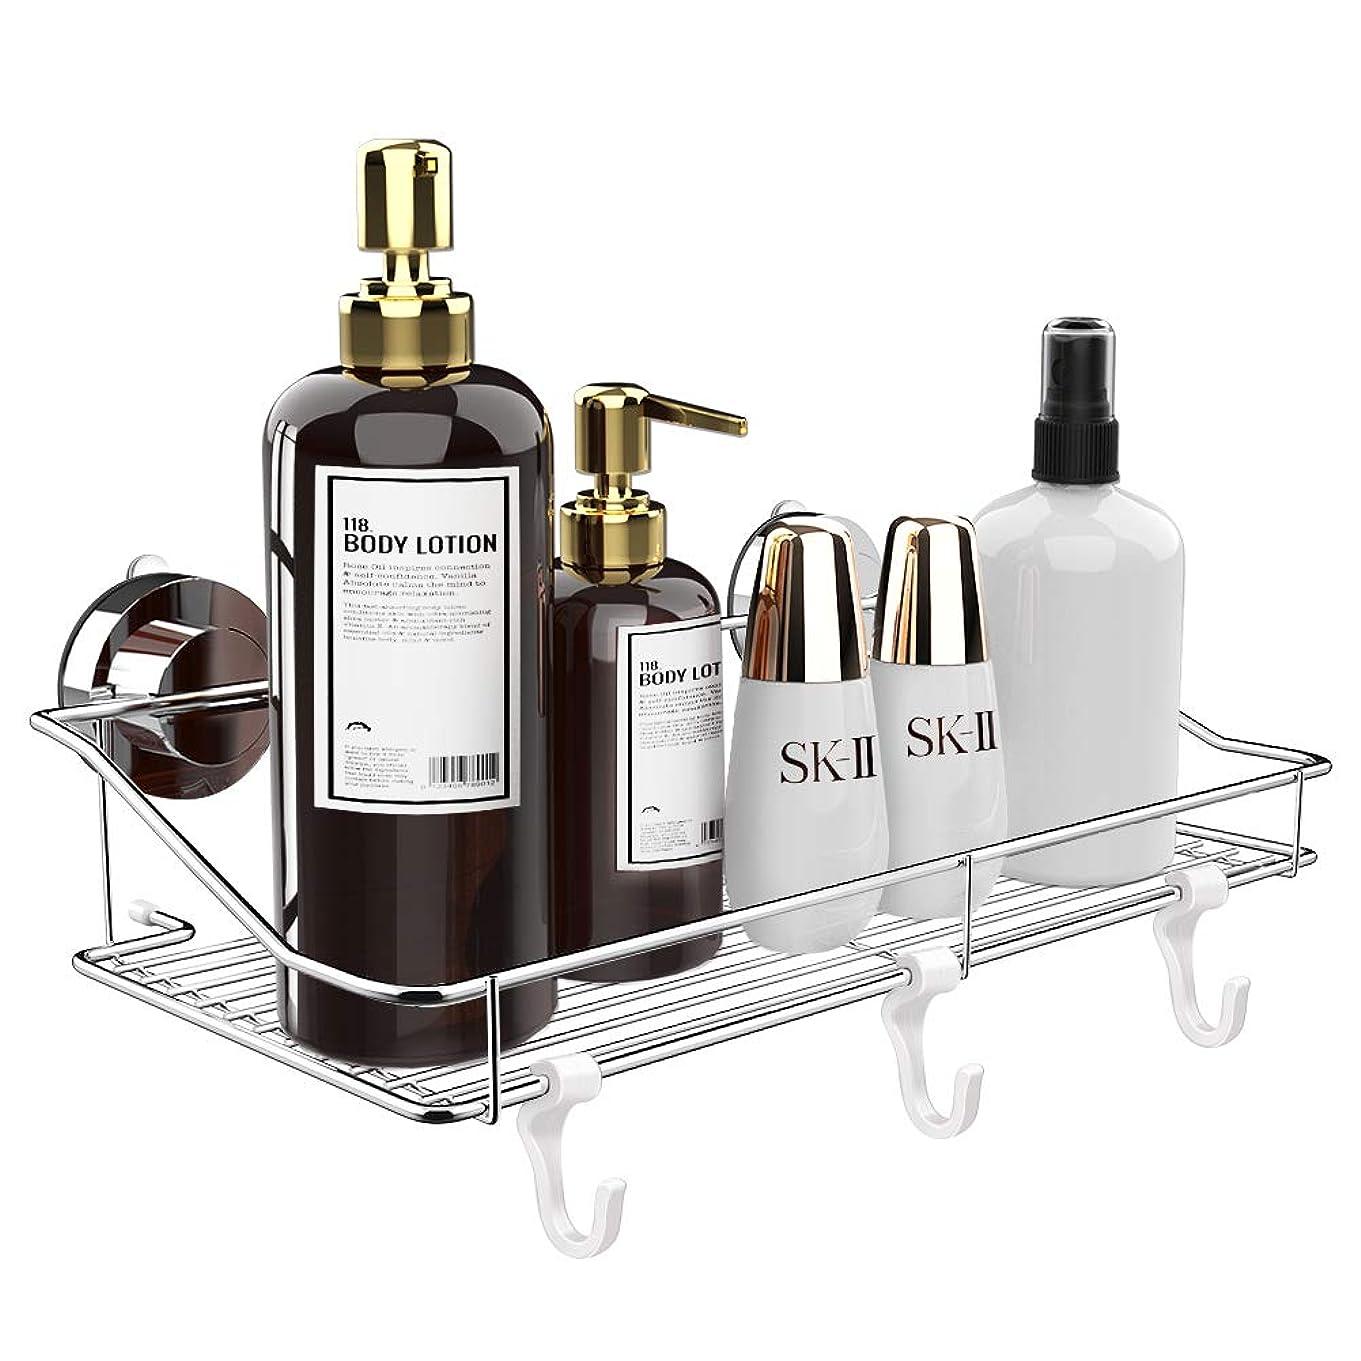 特異性商業のあらゆる種類の最新 浴室用ラック 強力 吸盤 お風呂の壁に ステンレス シャワーラック 一年保証付き TOPOOMY